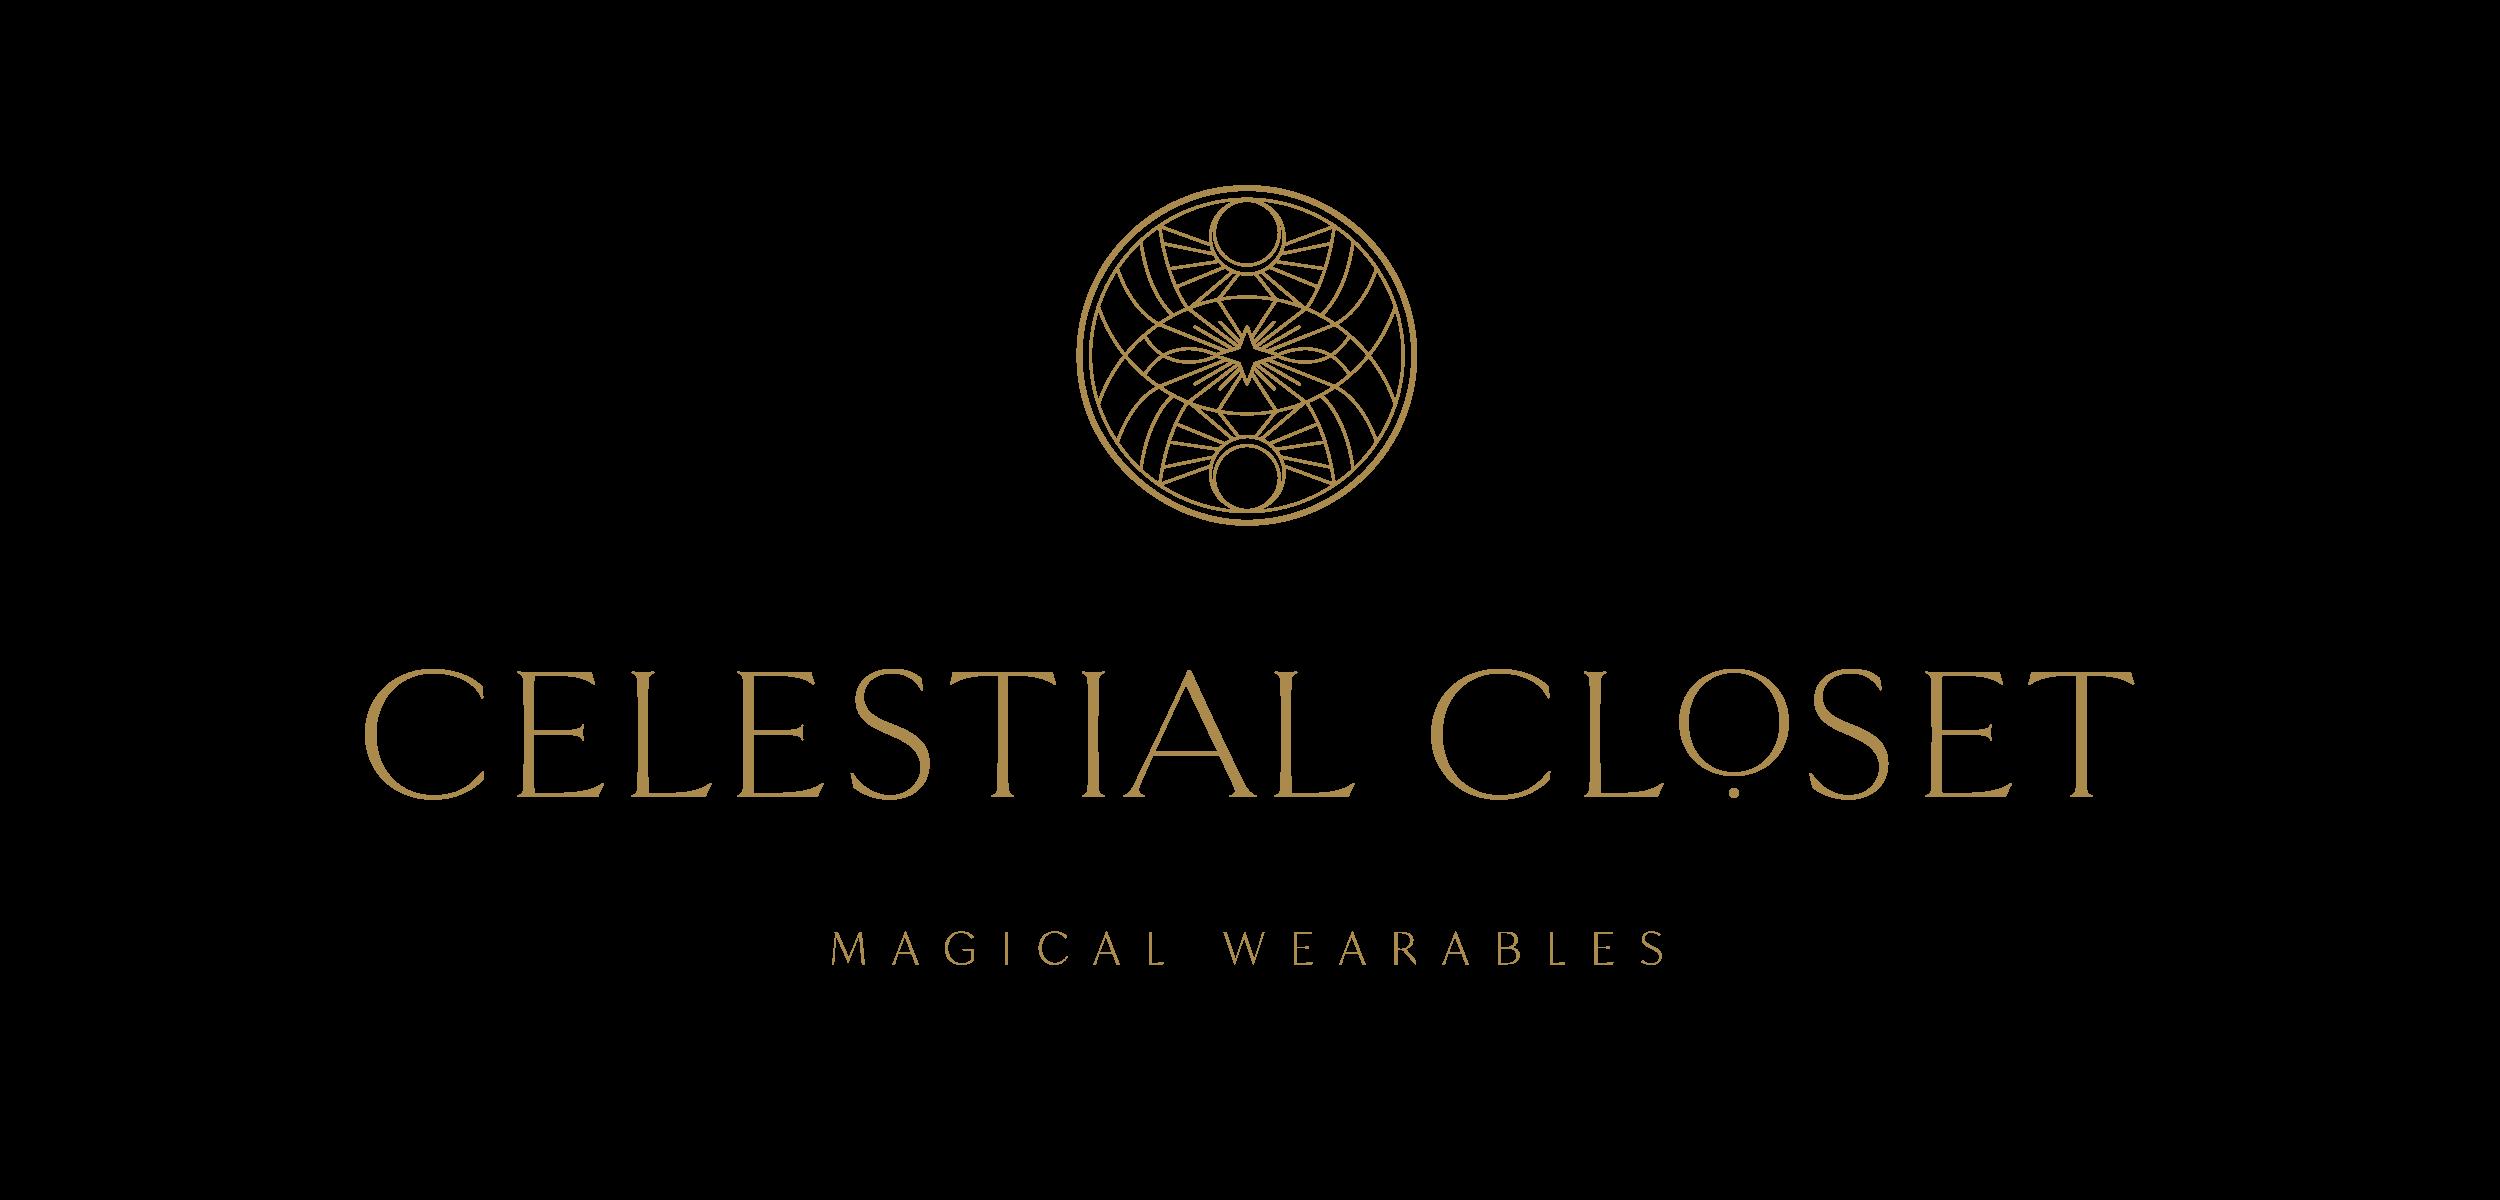 Celestial Closet